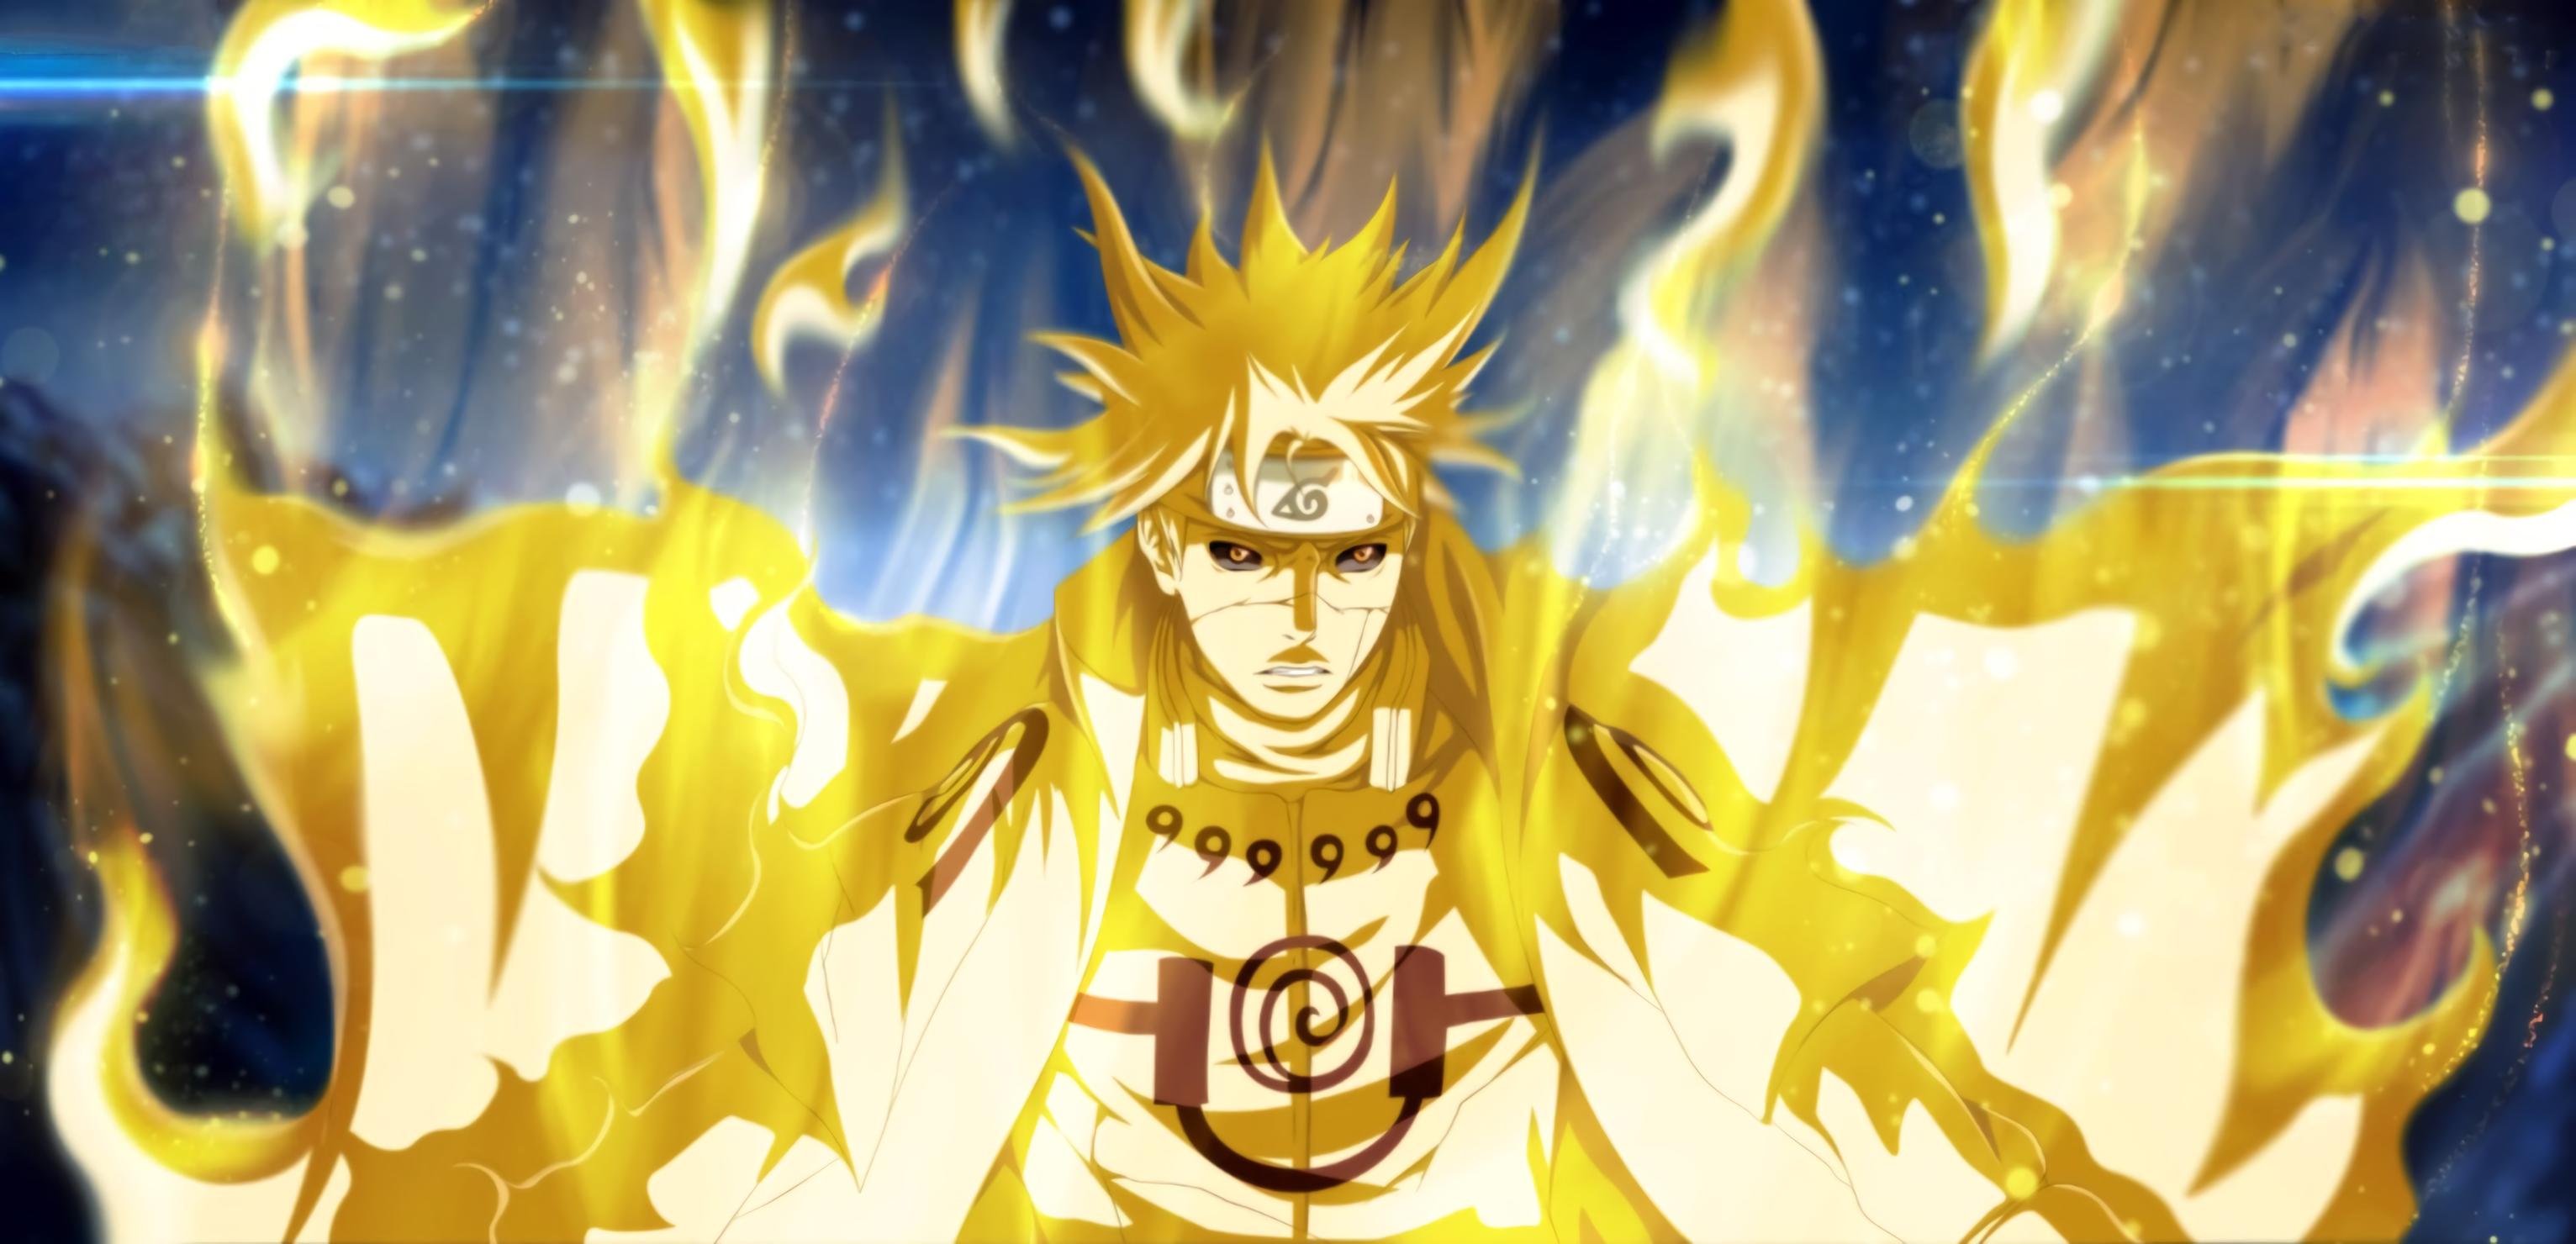 Hình nền Naruto bốc lửa